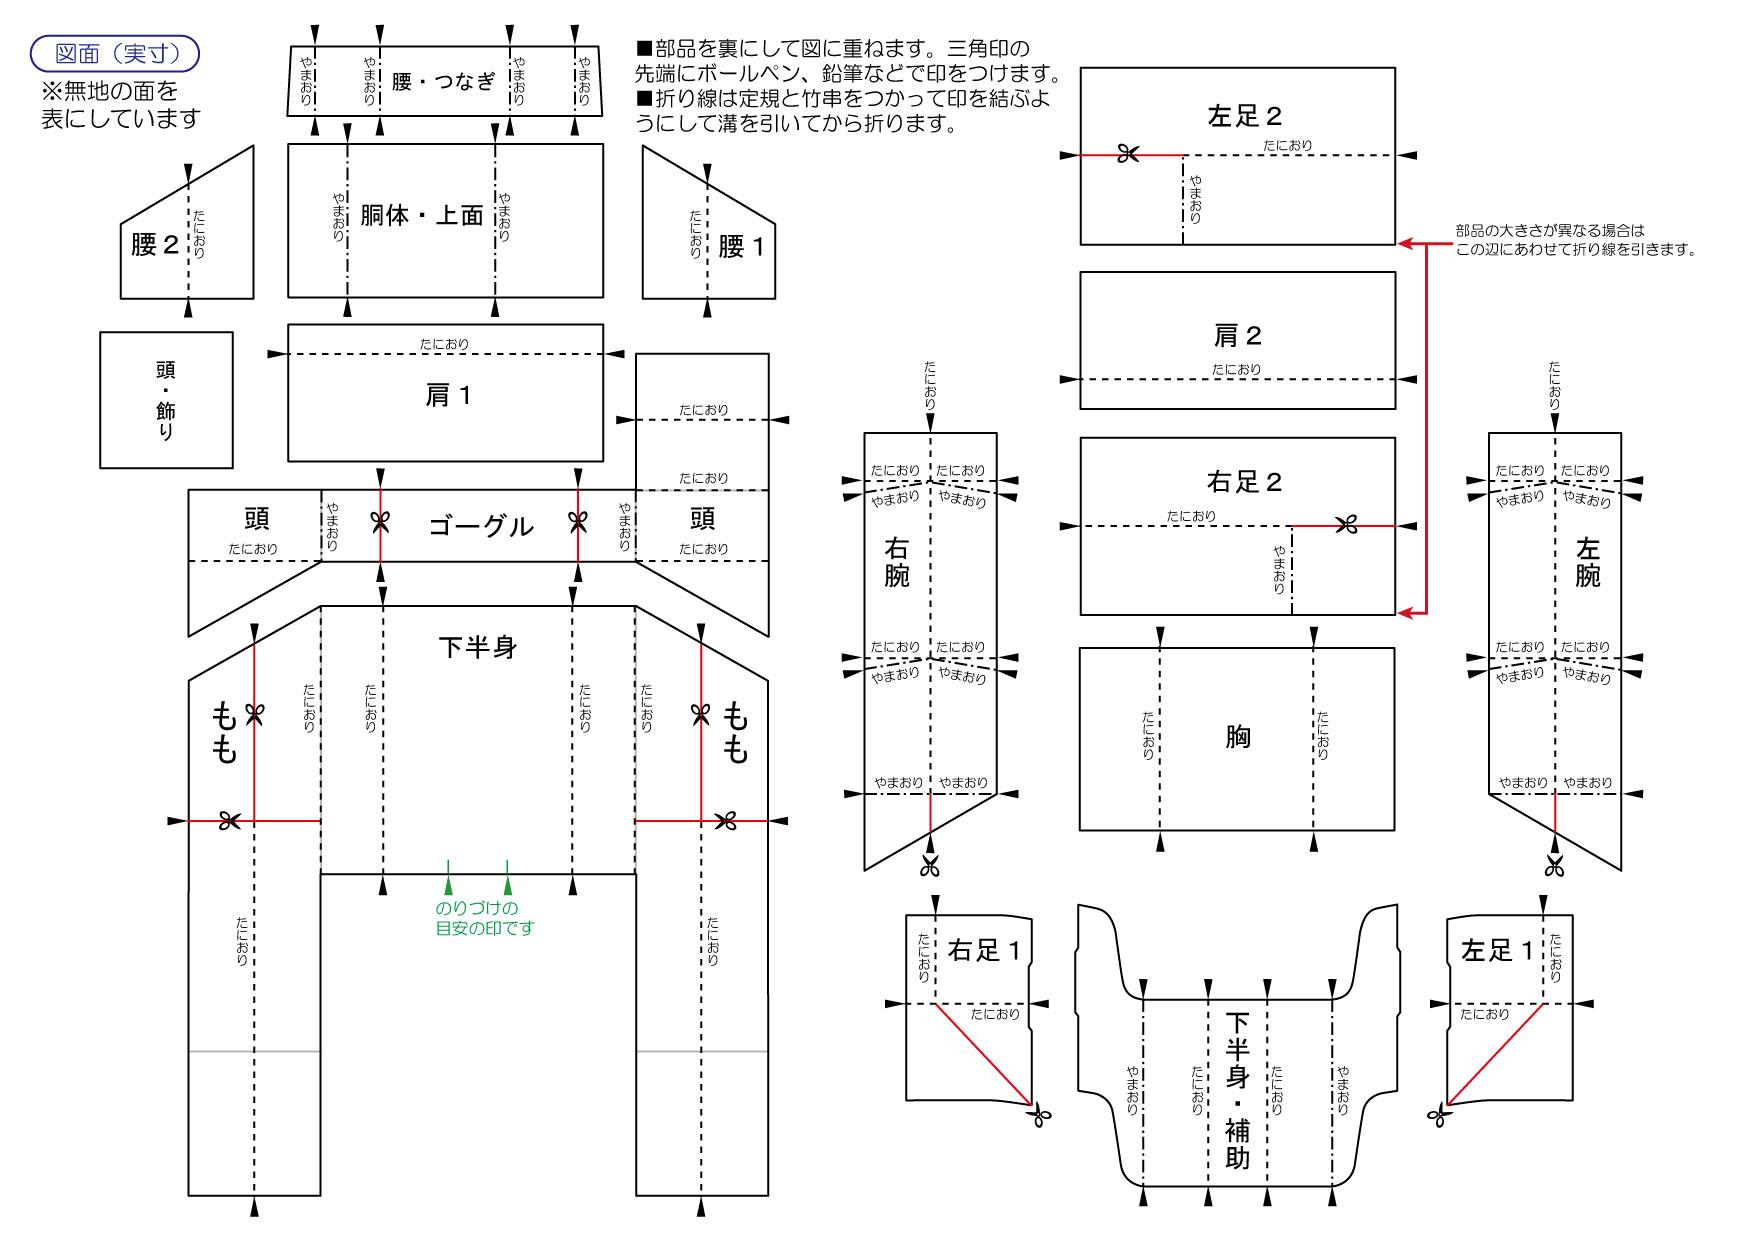 「たばこロボット」作り方 - パッケージクラフトブログ~空の ...